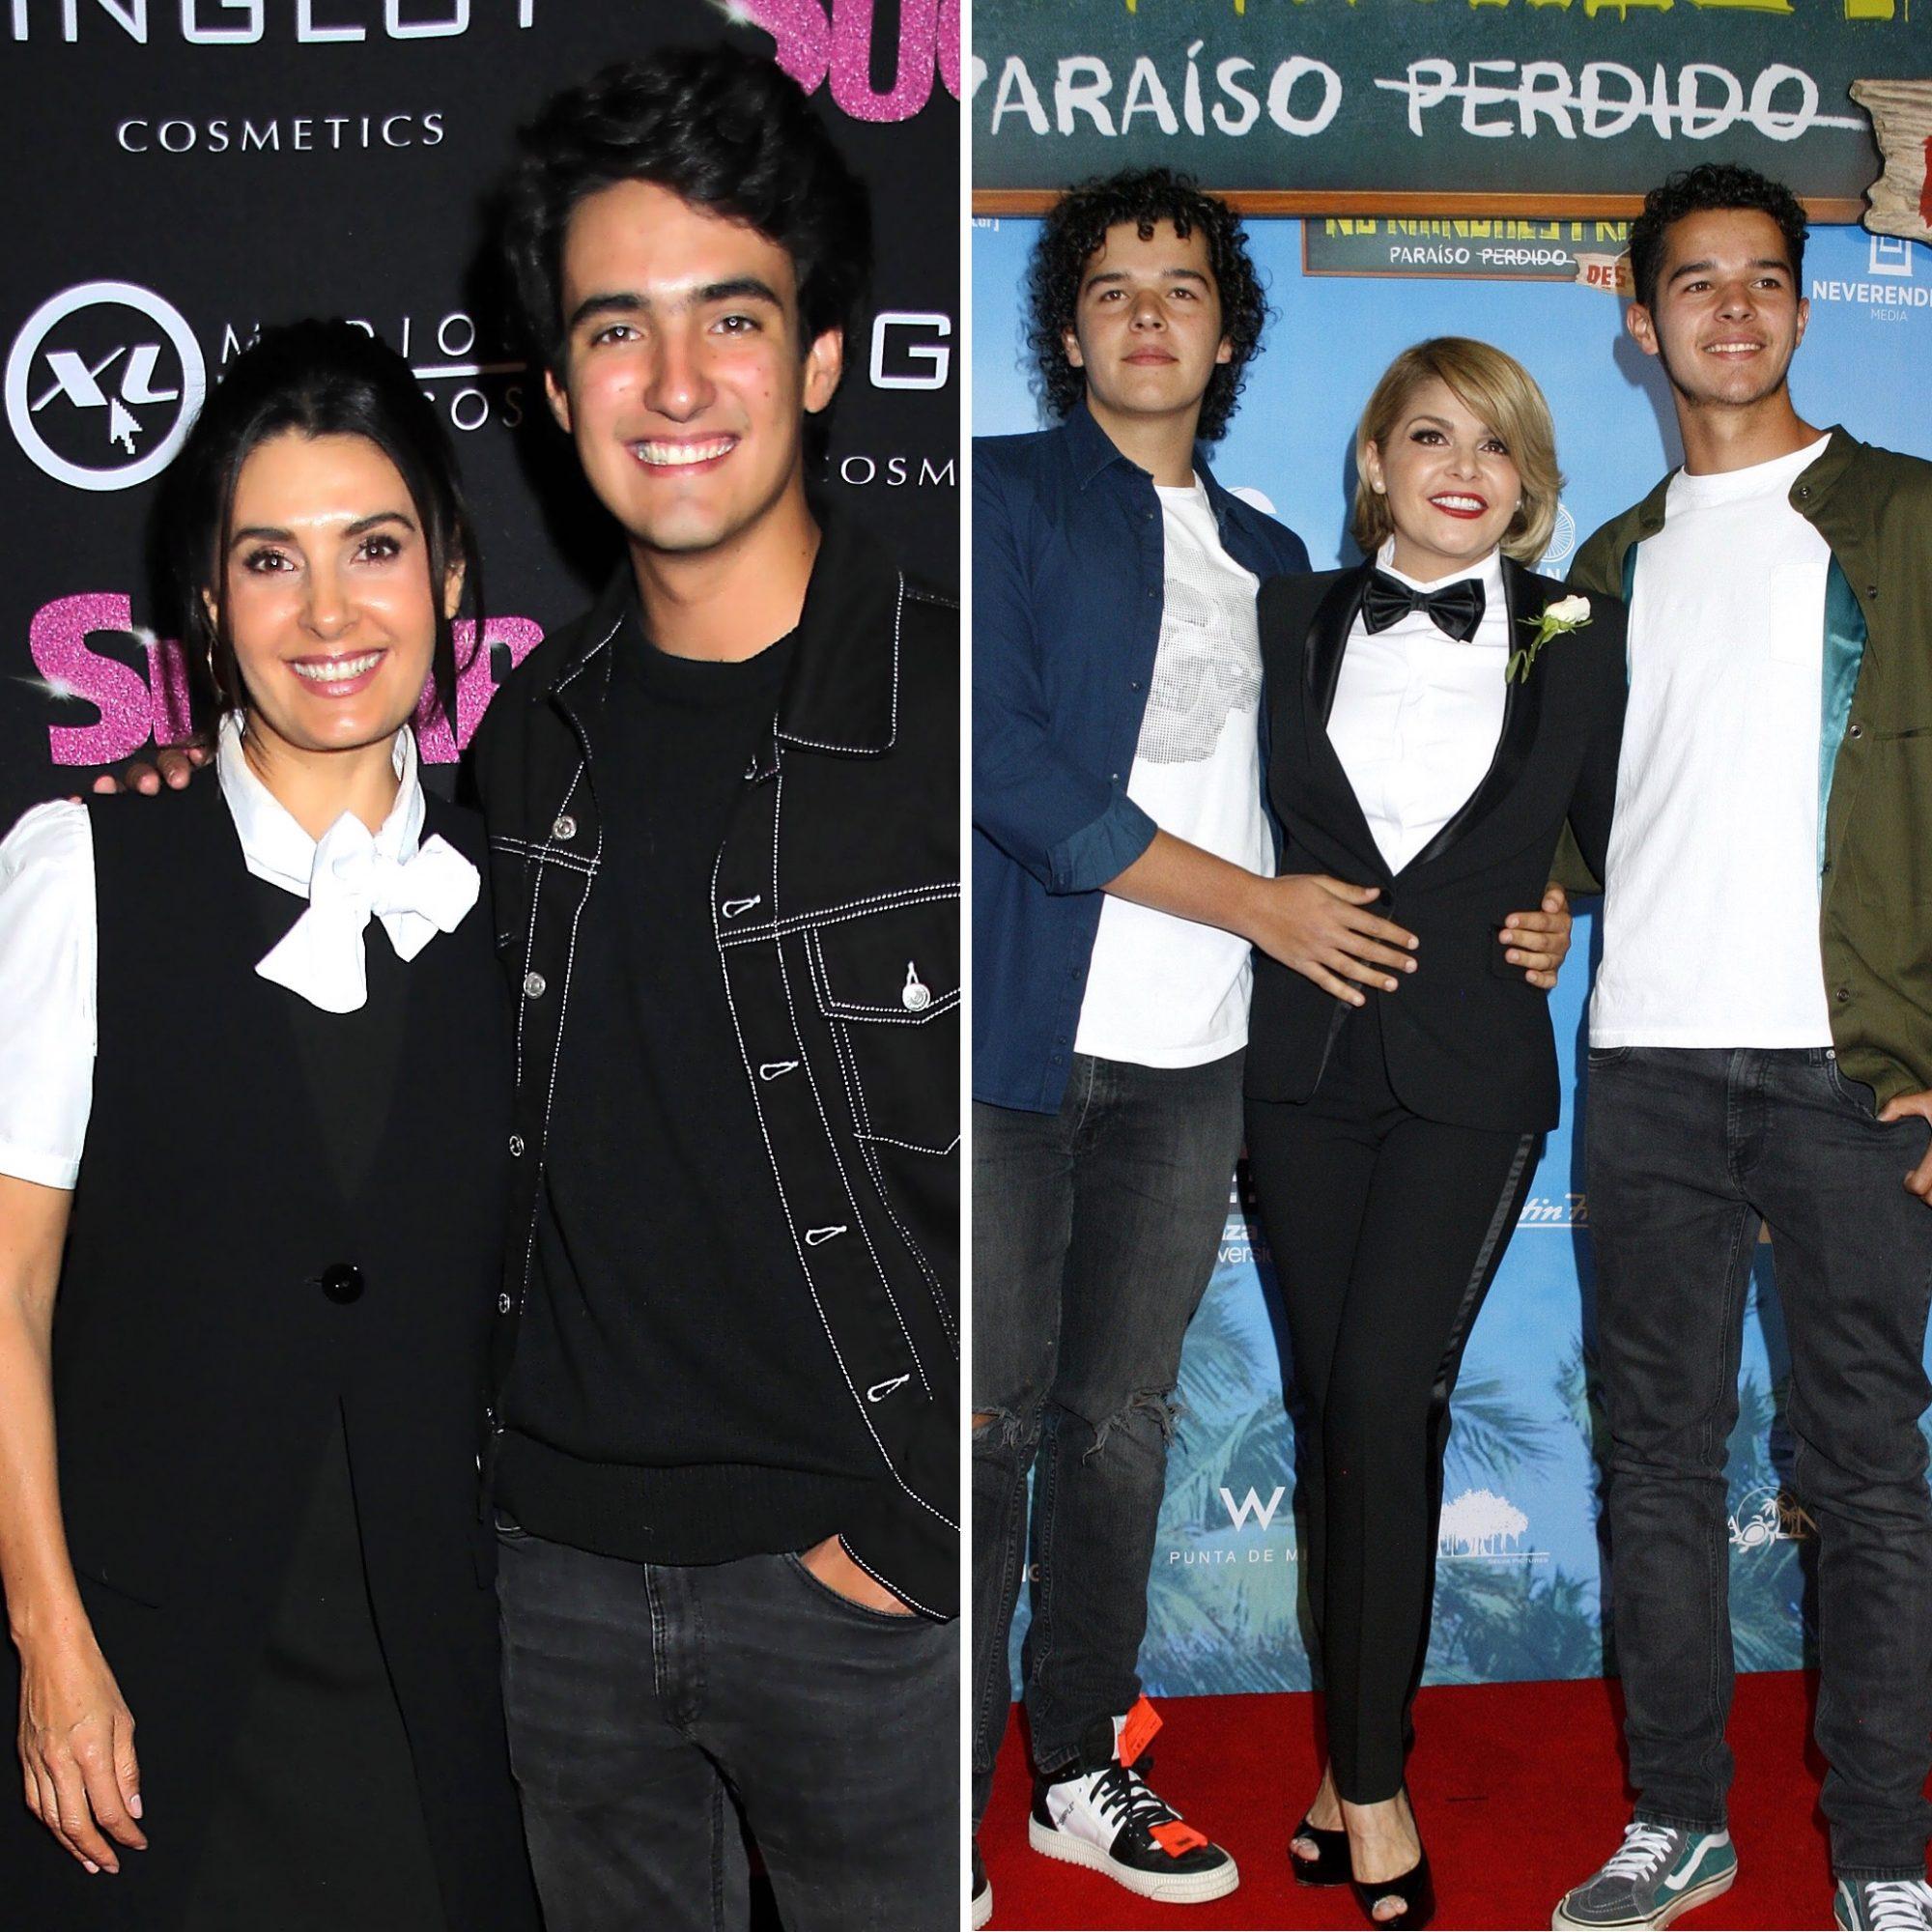 Mayrín Villanueva y su hijo Sebastián Poza; Itatí Cantoral y sus gemelos Roberto y Eduardo